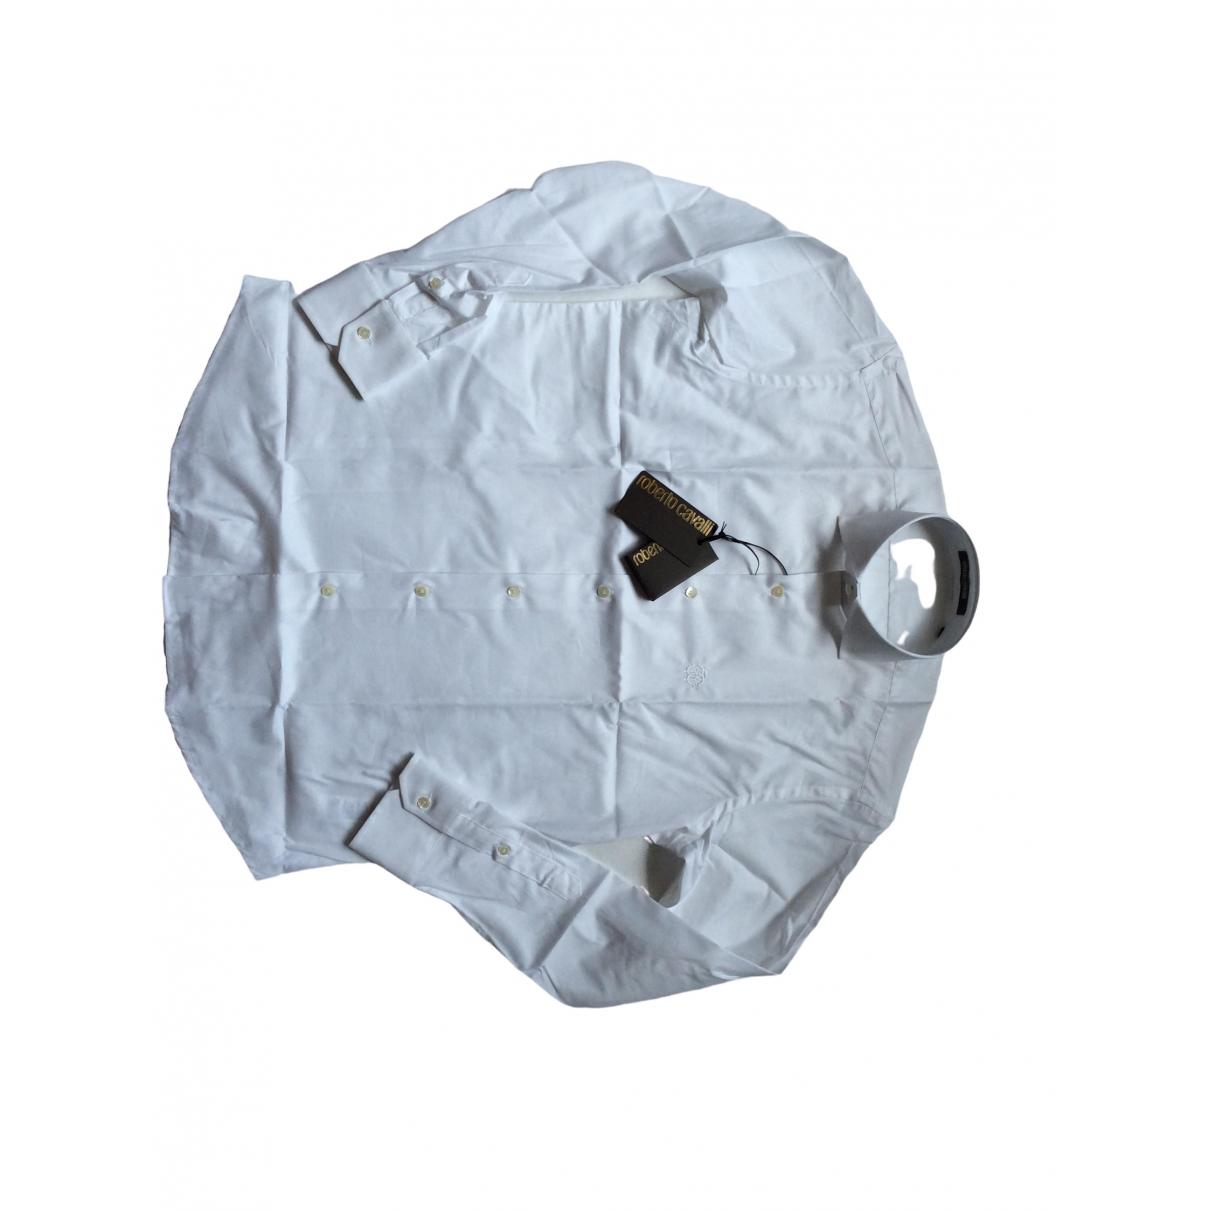 Roberto Cavalli \N White Cotton Shirts for Men 39 EU (tour de cou / collar)